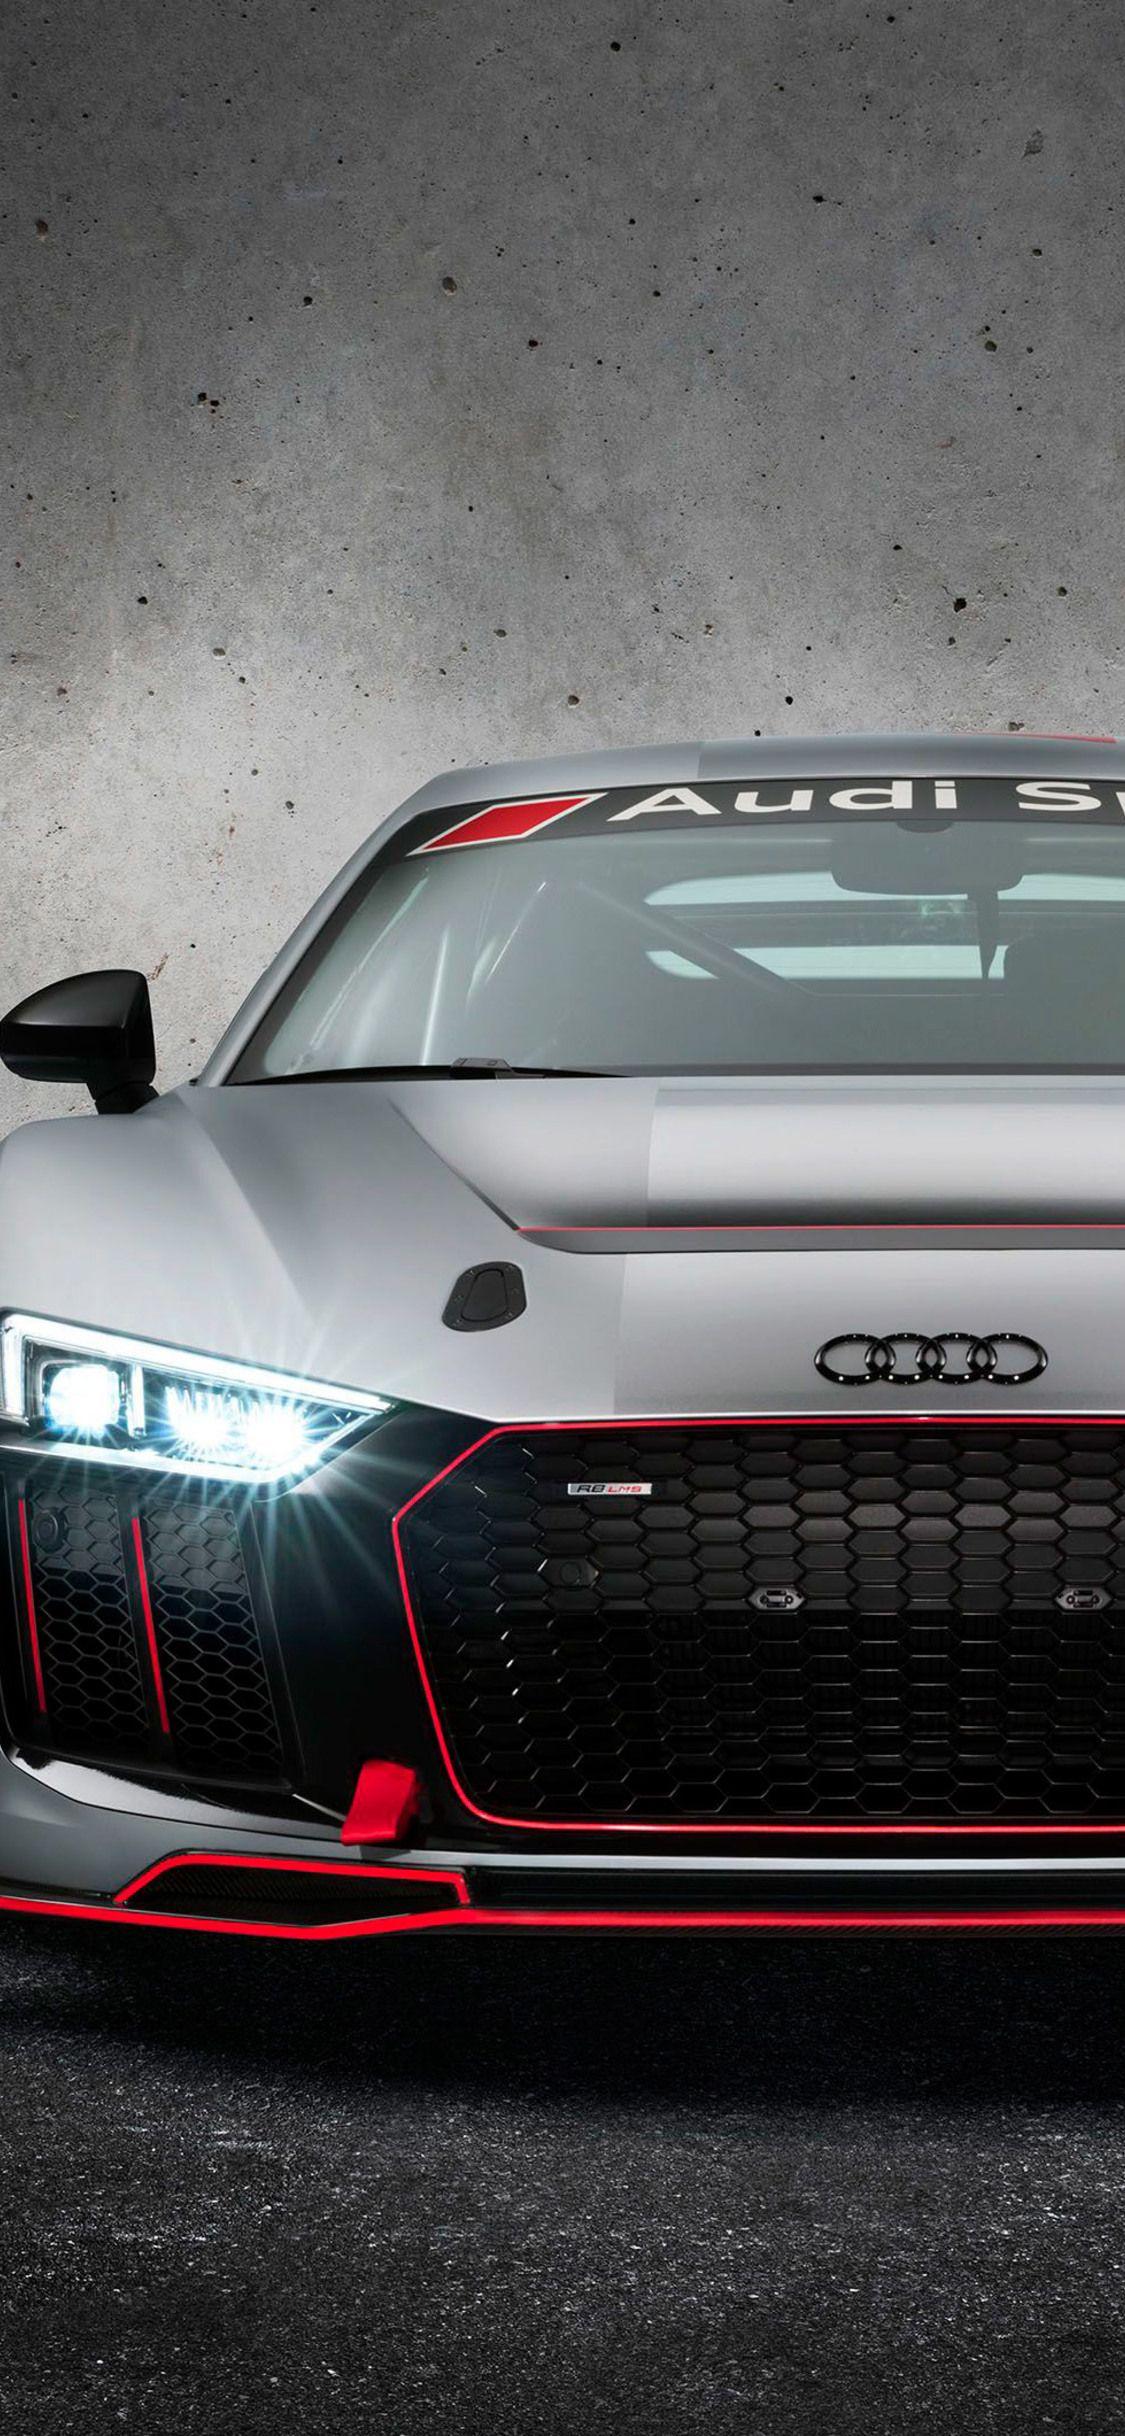 Audi R8 Lms Gt4 Wallpaper Phone Audi R8 Audi R8 Wallpaper Audi